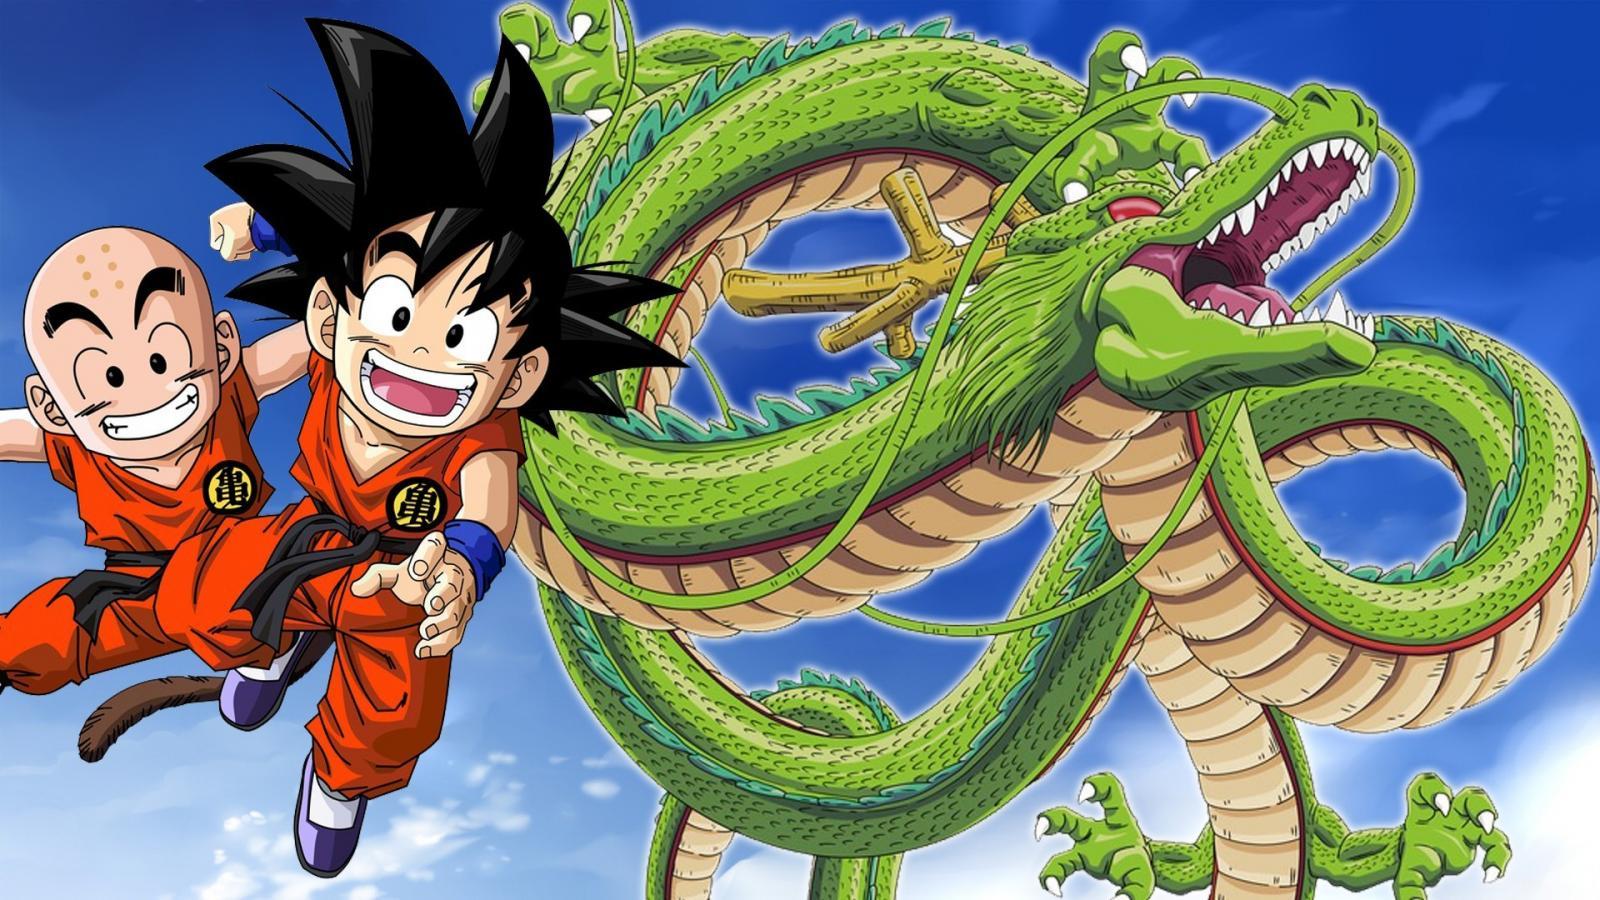 Goku Wallpaper hd for PC (23)